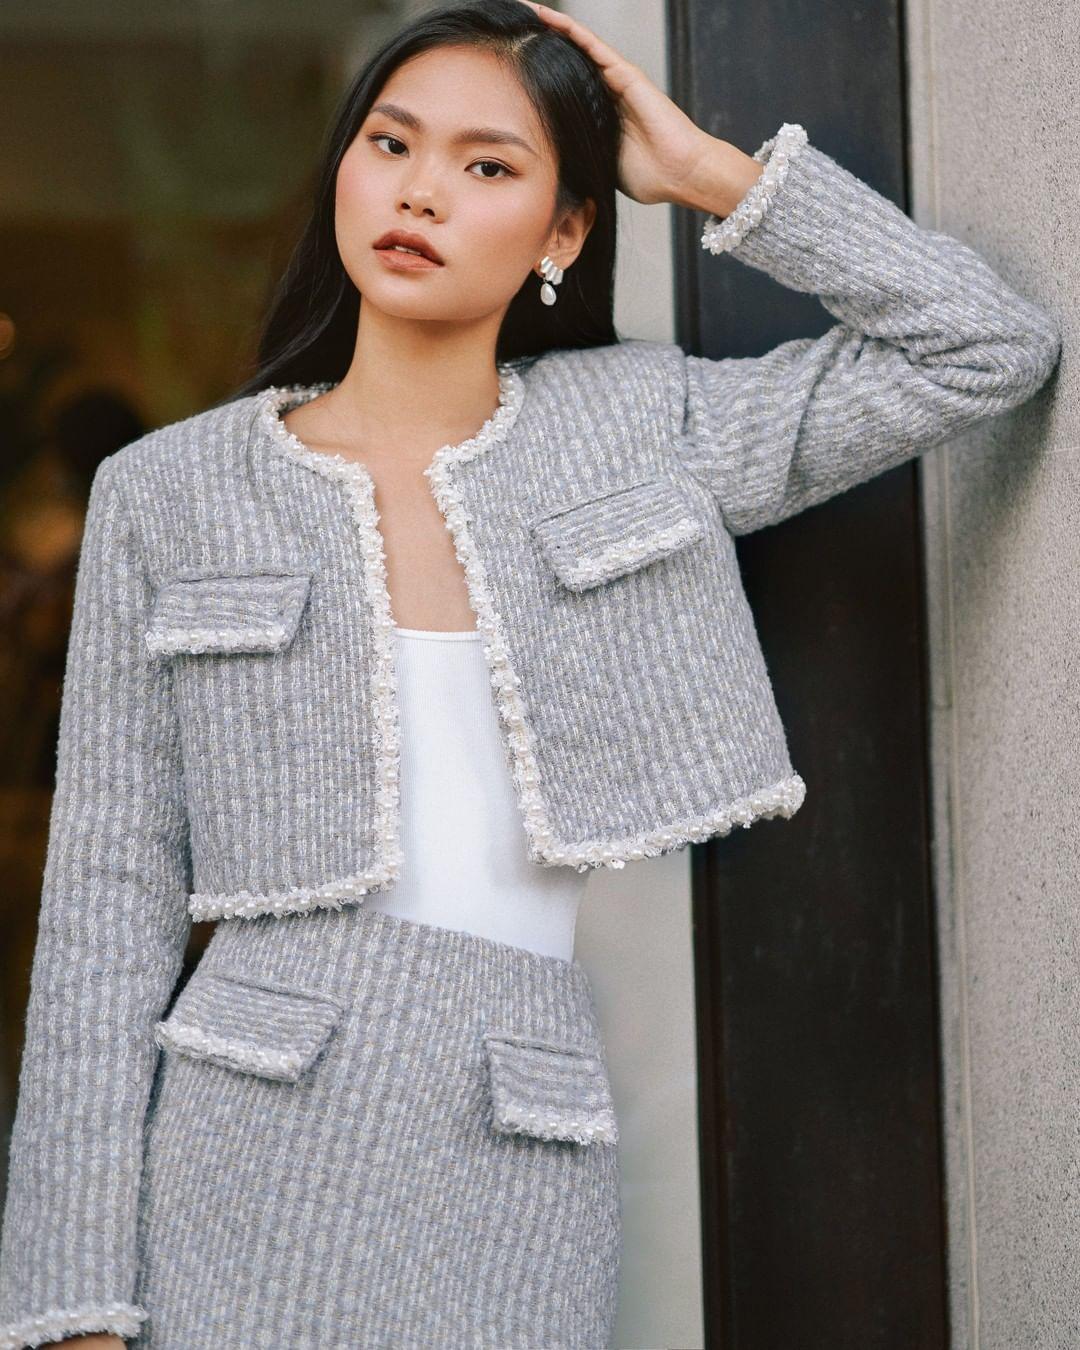 """Song Hye Kyo, Lan Khuê, Thanh Hằng """"đại chiến"""" với áo khoác vải tweed: Hot item đáng sắm nhất lúc này đây rồi - Ảnh 15."""